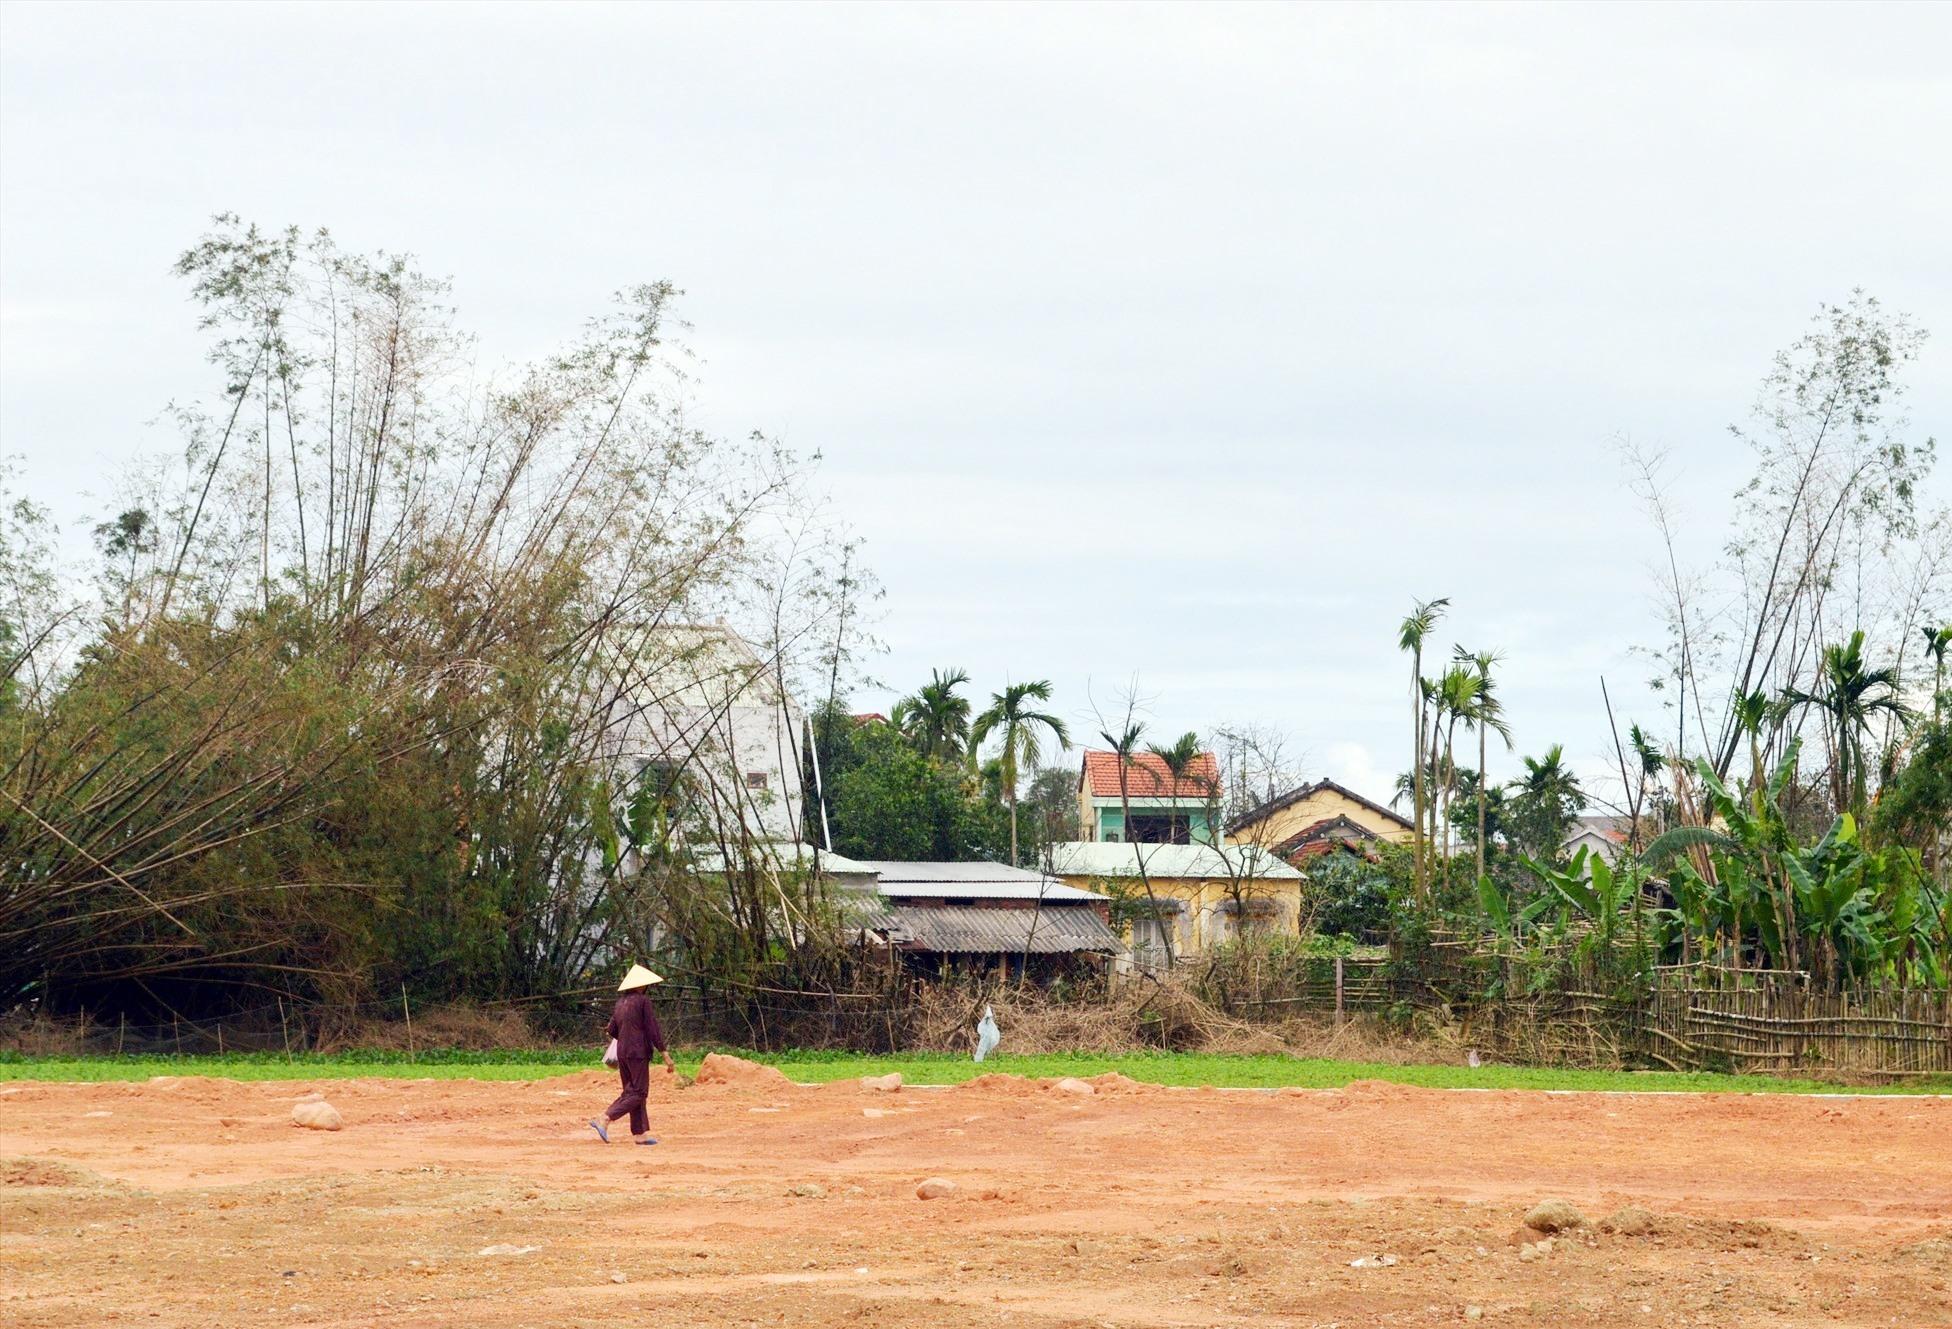 Nhiều ngôi làng điển hình xứ Quảng đang dần bê tông hóa biến thành đô thị